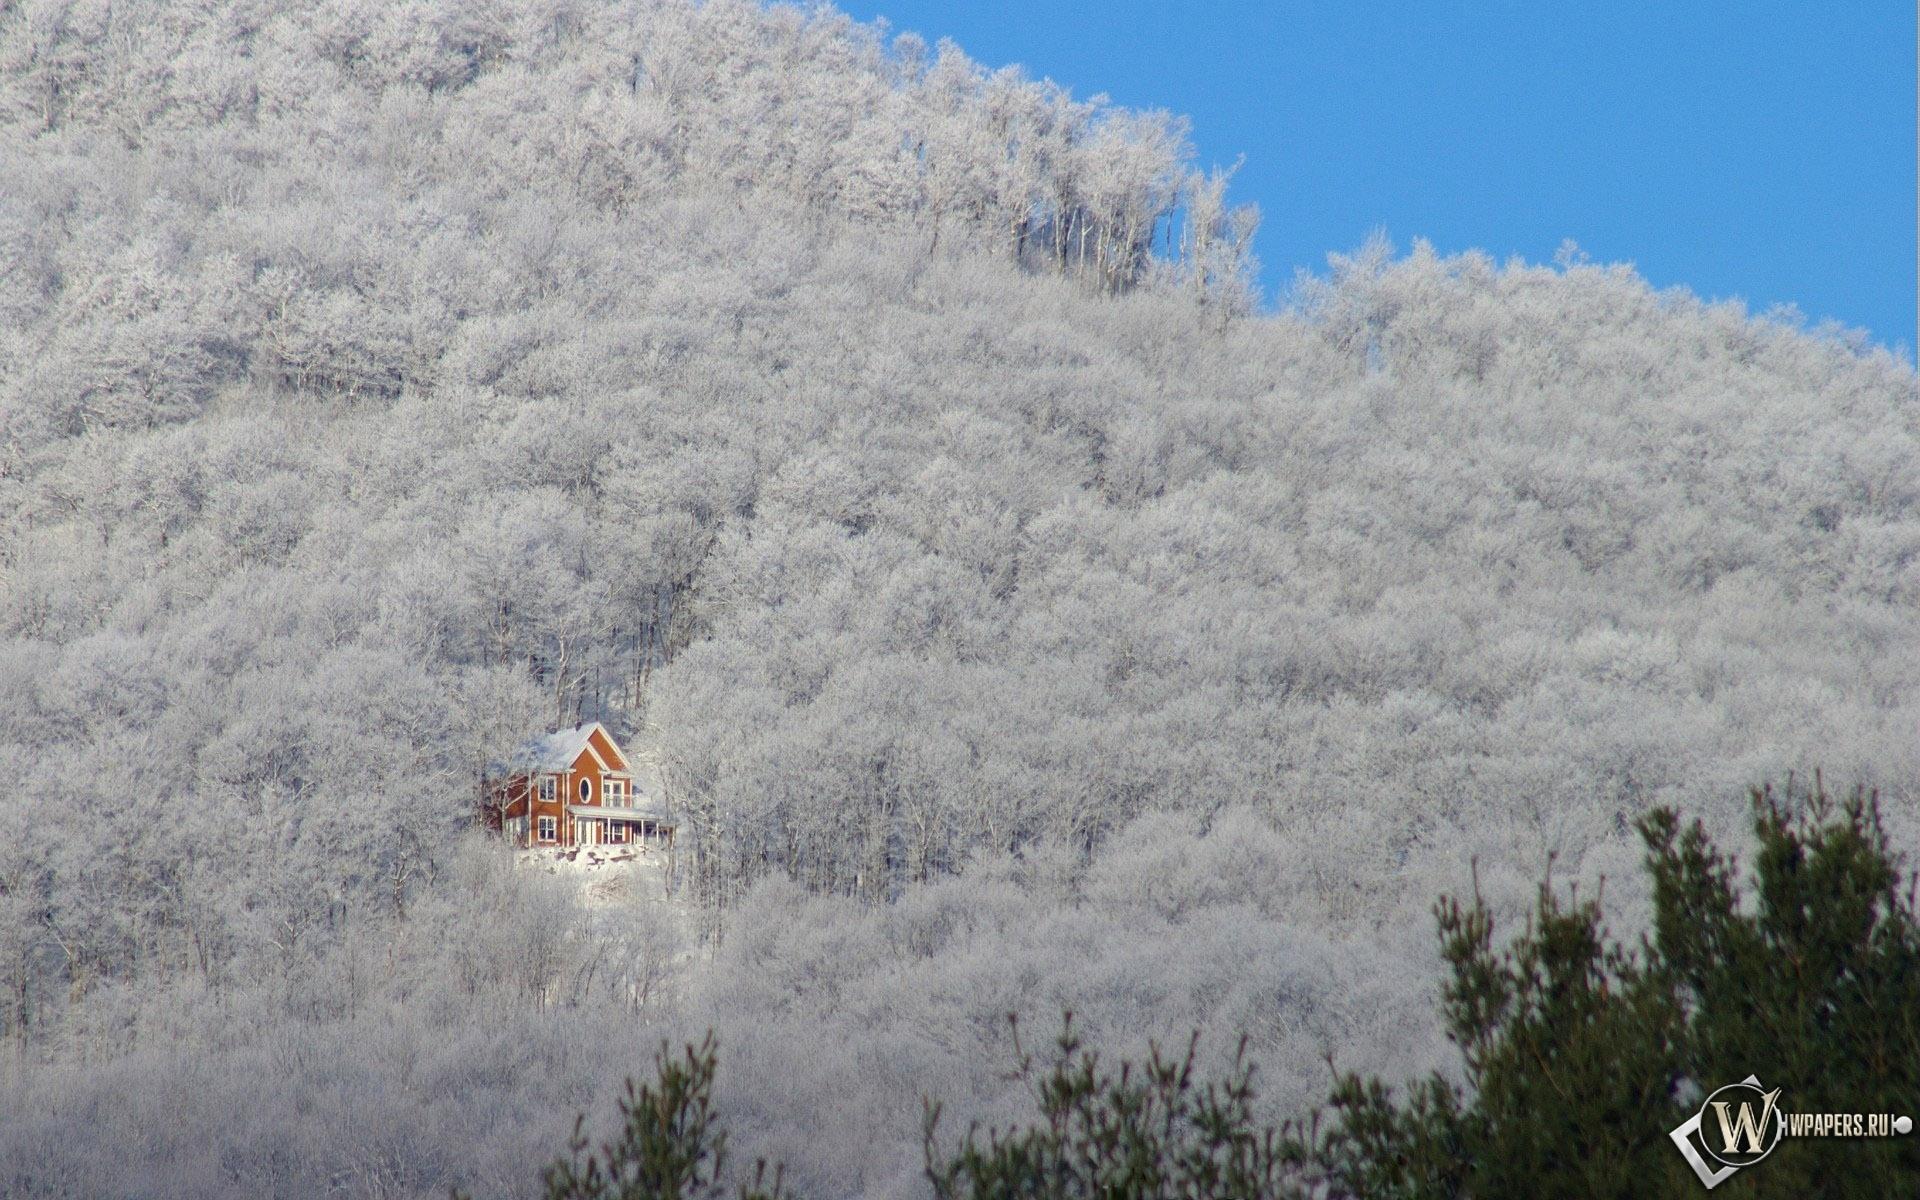 Зимний домик в лесу 1920x1200